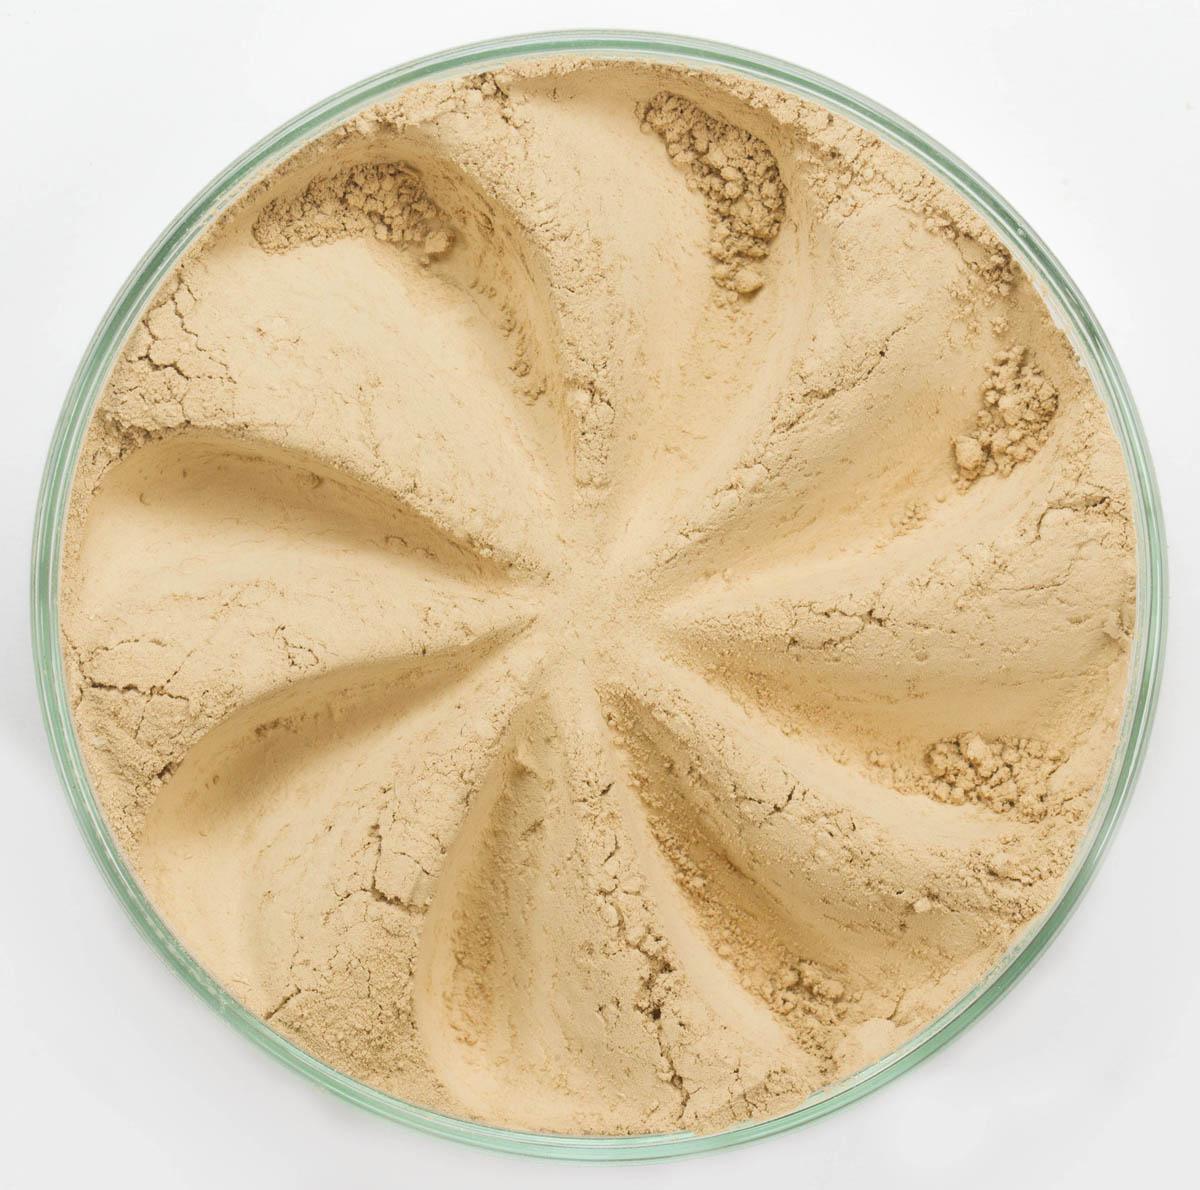 Era Minerals Минеральная Тональная основа Flawless тон 344, 16,5 млFN344Основа Flawless предназначена для нормальной и склонной к жирности кожи. Обеспечивает умеренное покрытие с матирующим эффектом. Без отдушек и масел, для всех типов кожи Водостойкое, долгосрочное покрытие Широкий спектр фильтров UVB/UVA, протестированных при SPF 30+ Некомедогенно, не блокирует поры Дерматологически протестировано, не аллергенно Антибактериальные ингредиенты, помогает успокоить раздраженную кожу Состоит из неактивных минералов, не способствует развитию бактерий Не тестировано на животных Вес нетто 7г (стандартный размер)